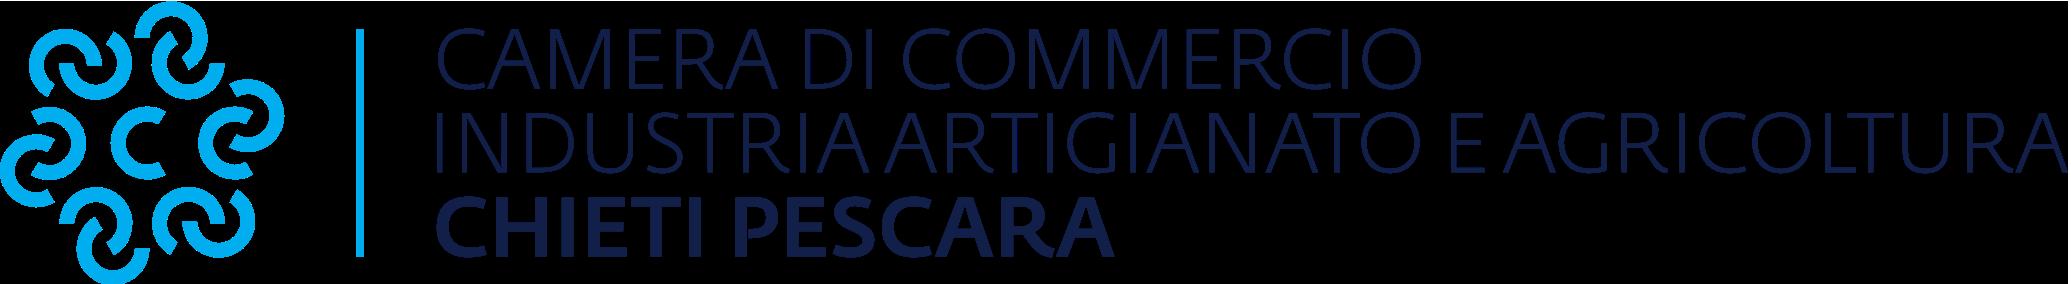 Camera di Commercio Chieti Pescara